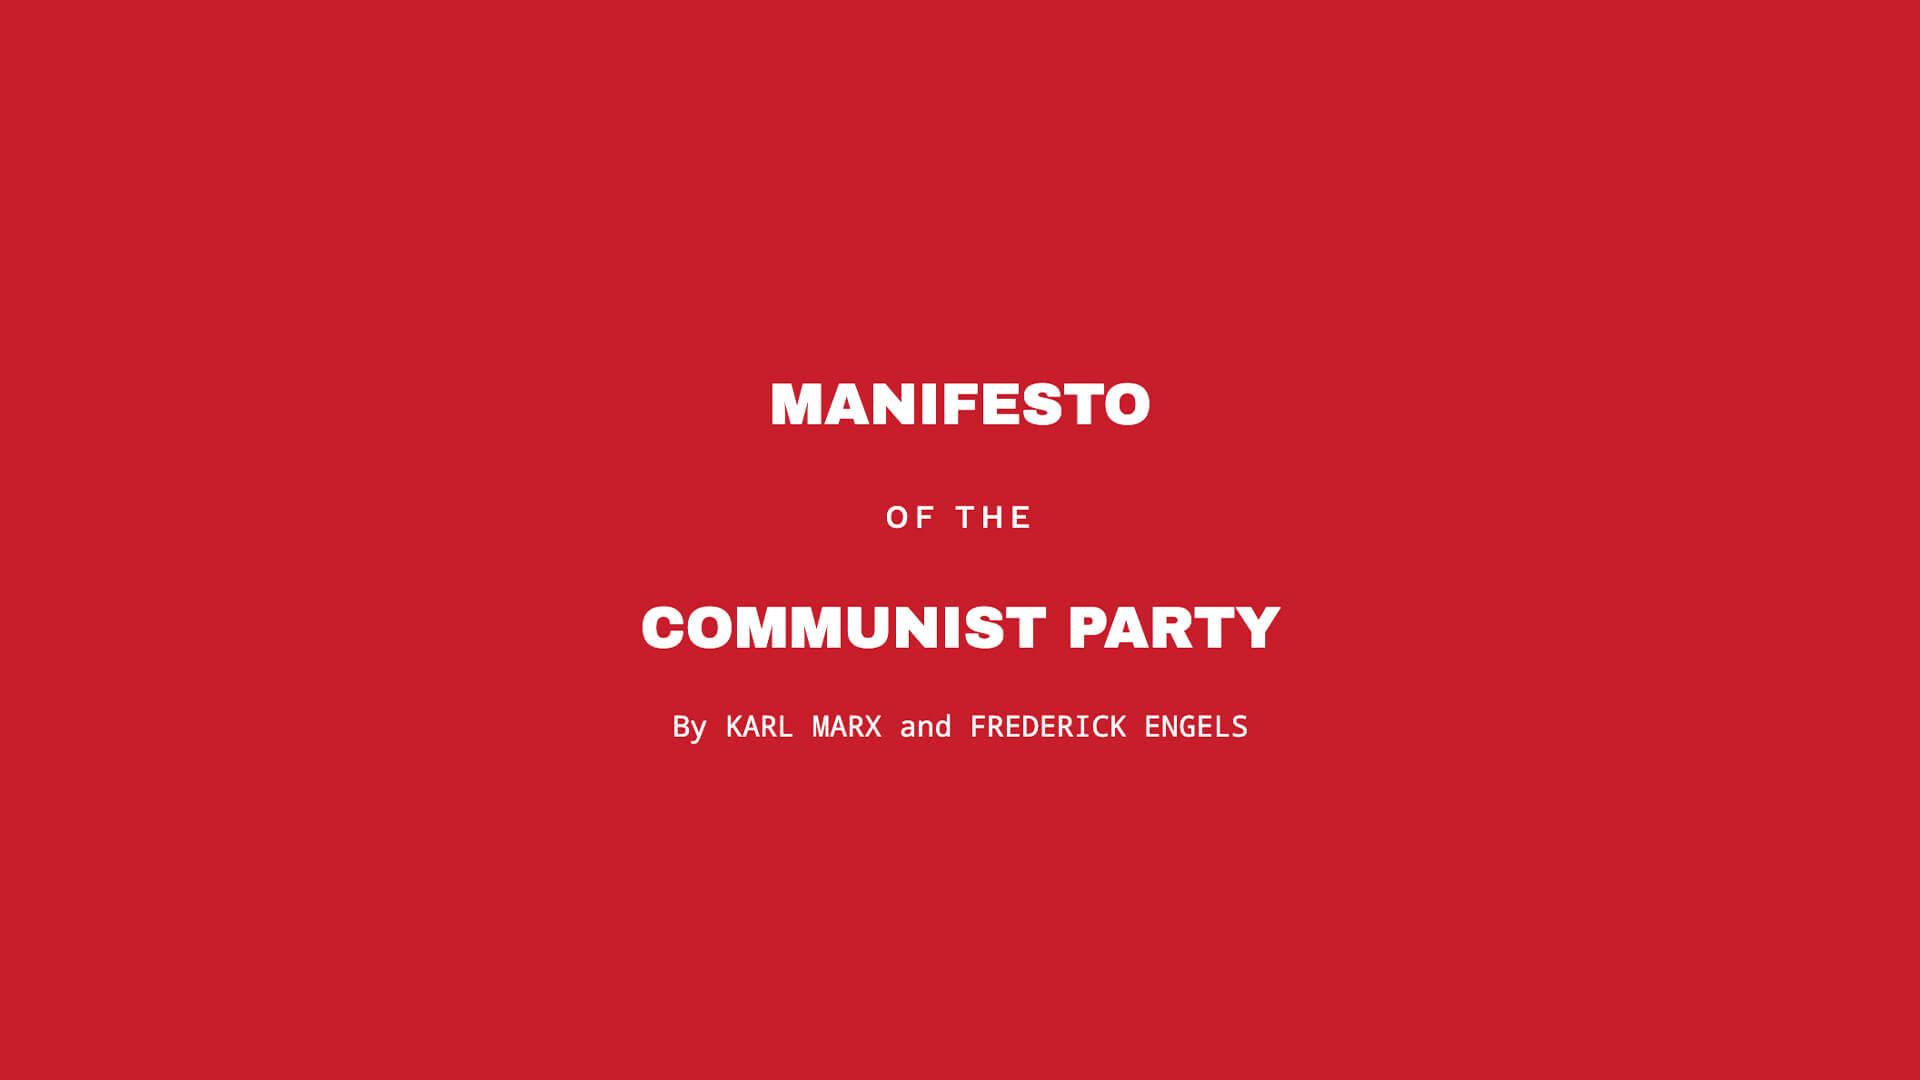 ThumbnailsCommunist Manifesto 2.0 hover